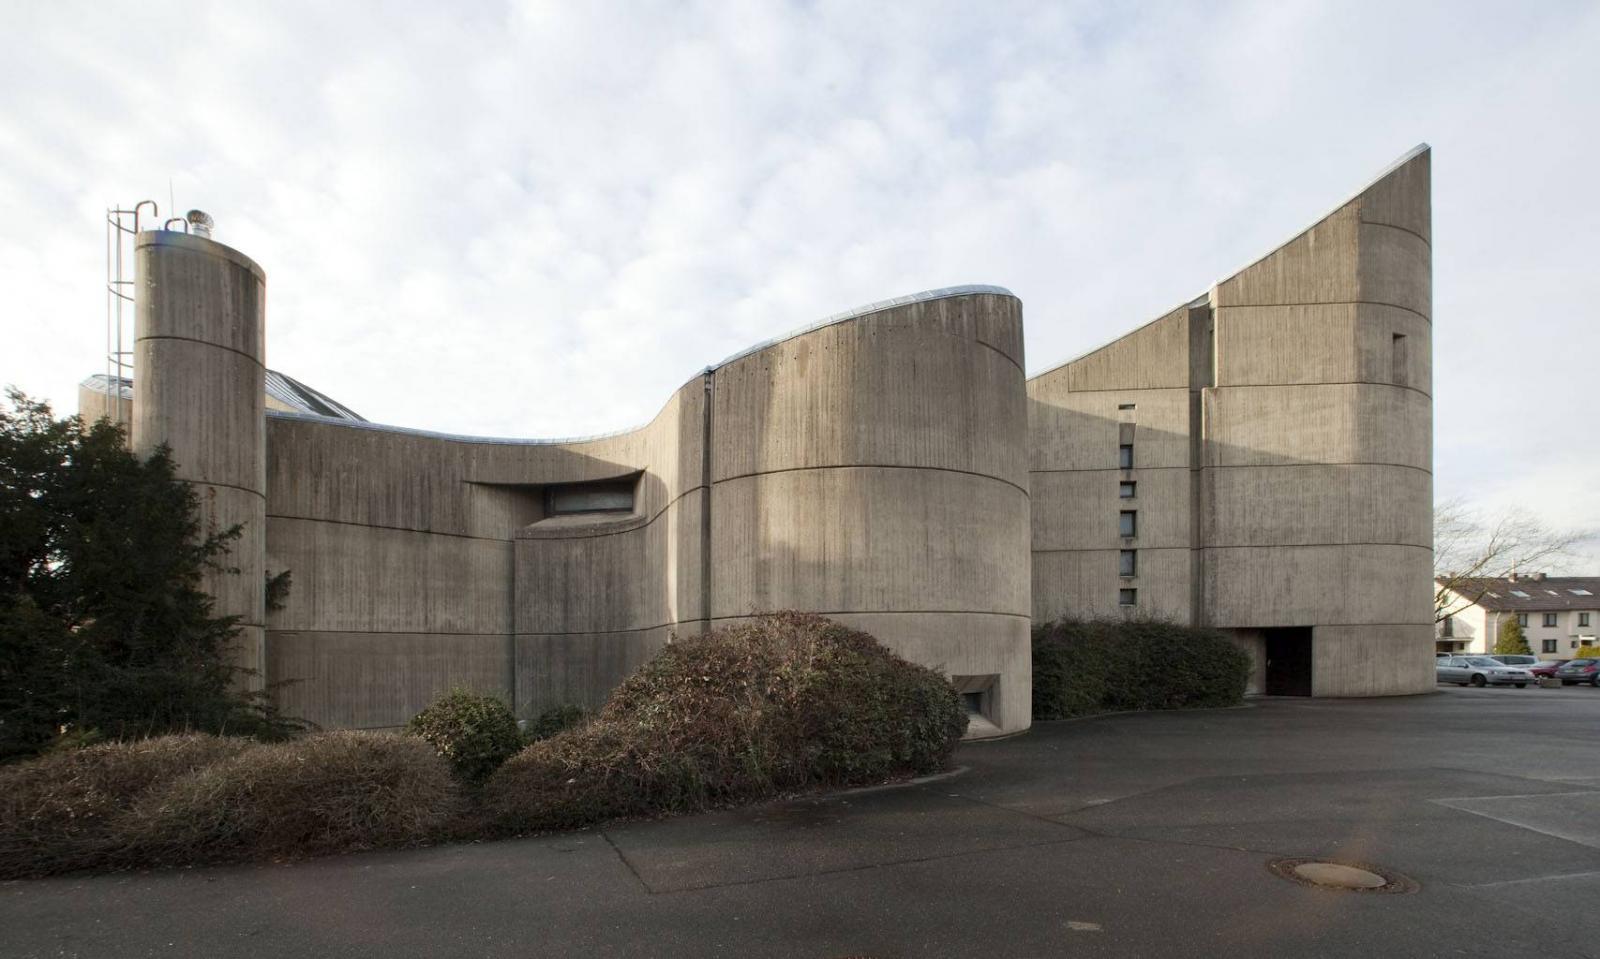 Architekten Neuss st pius in neuss neuss architektur baukunst nrw